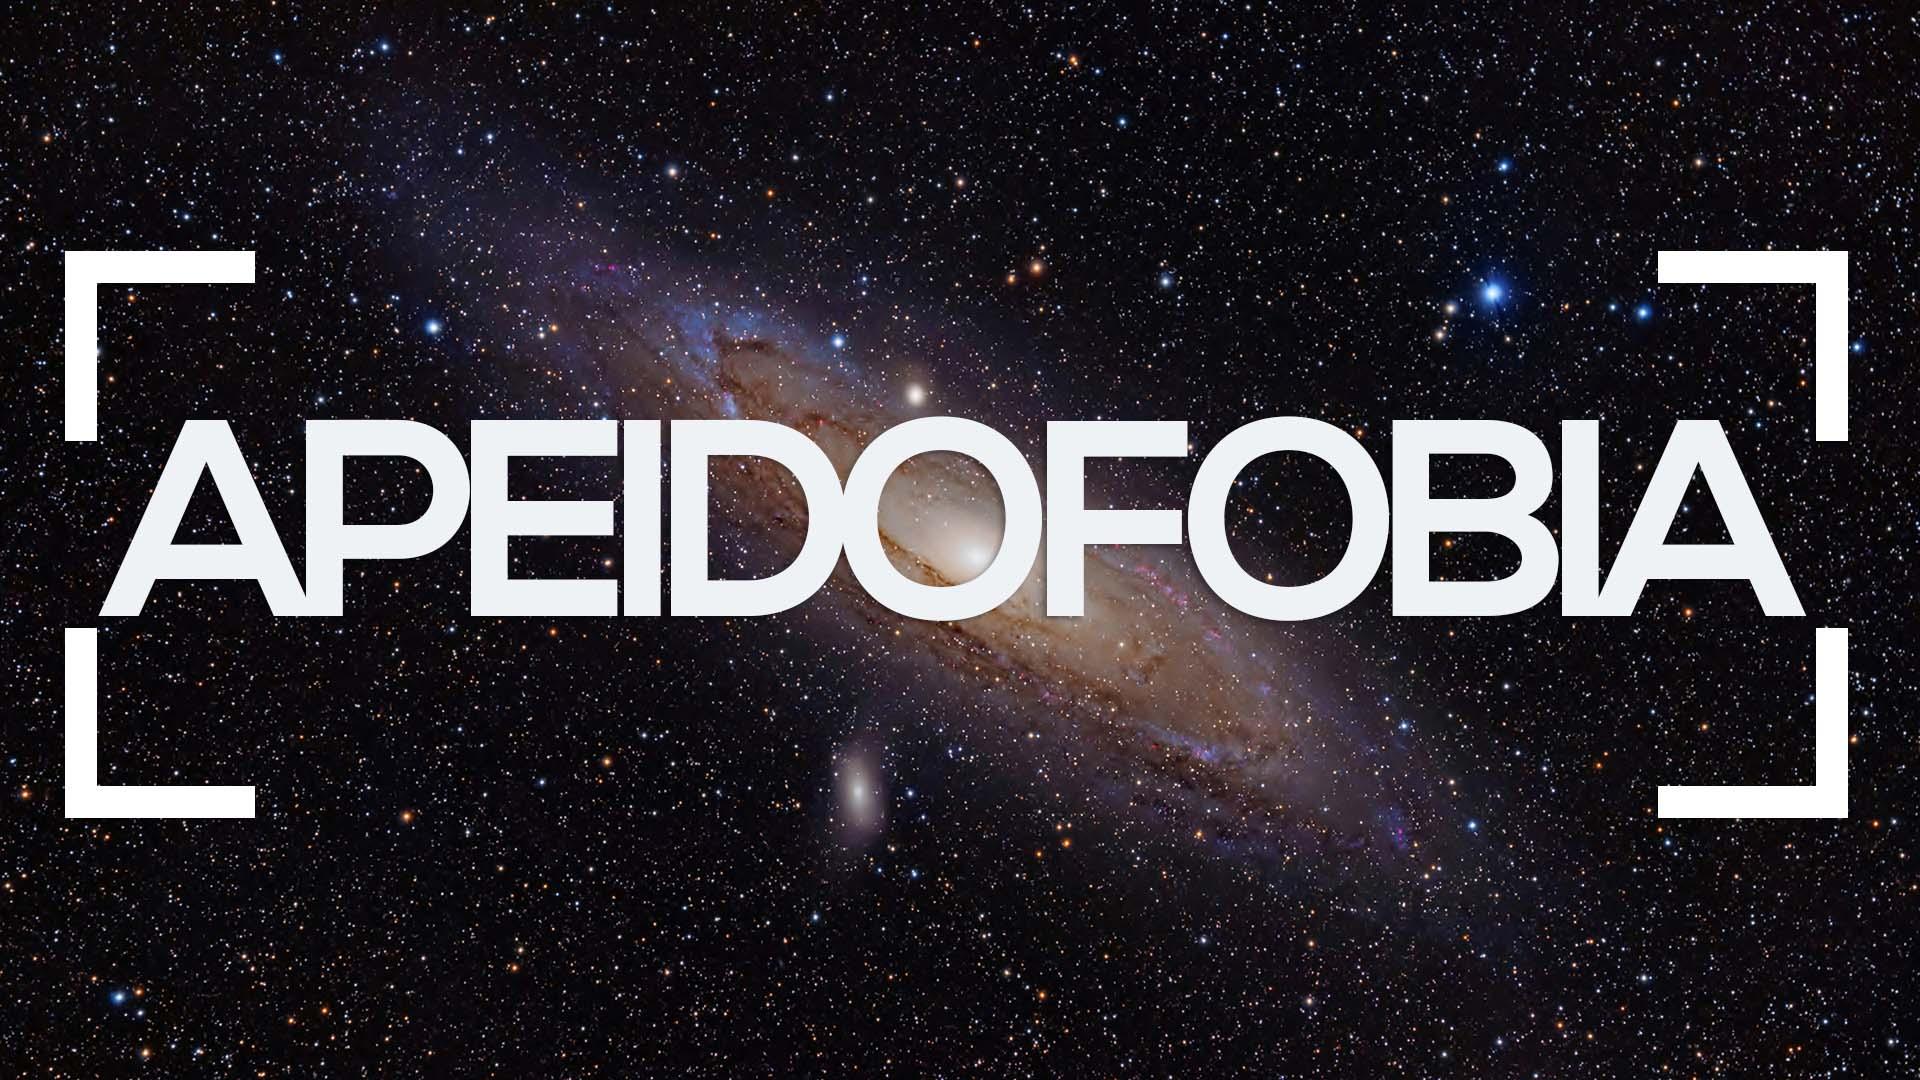 Se muestra el cosmos y la palabra apeidofobia